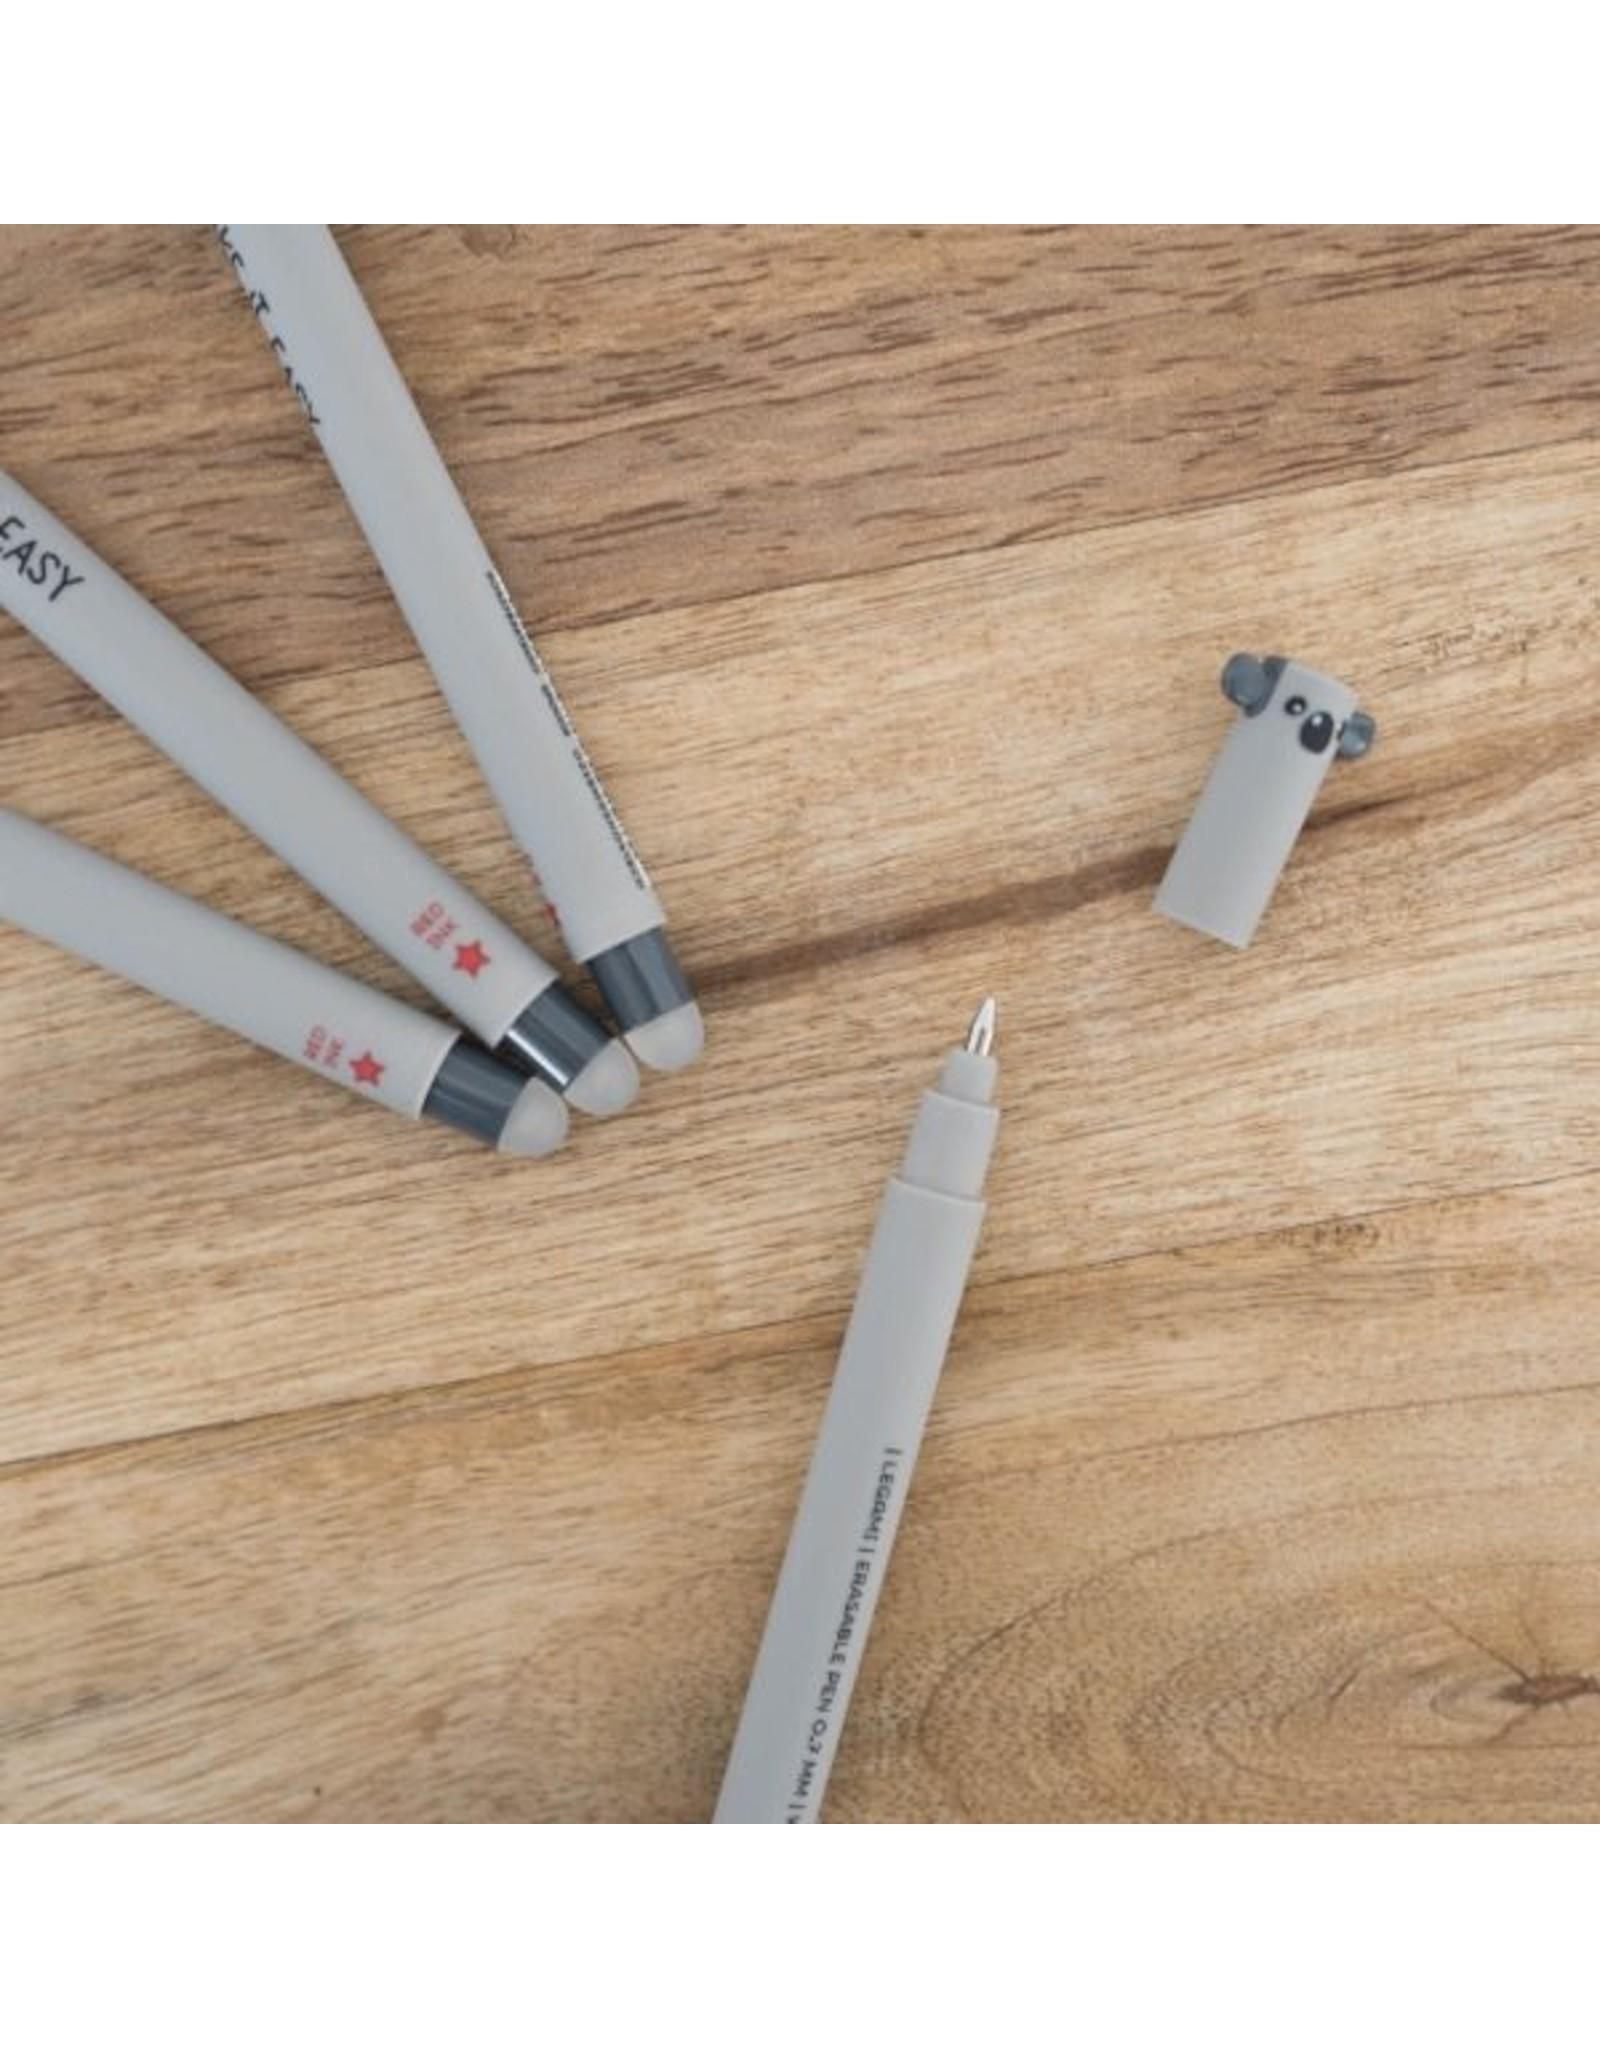 Legami erasable pen shaped like a koala